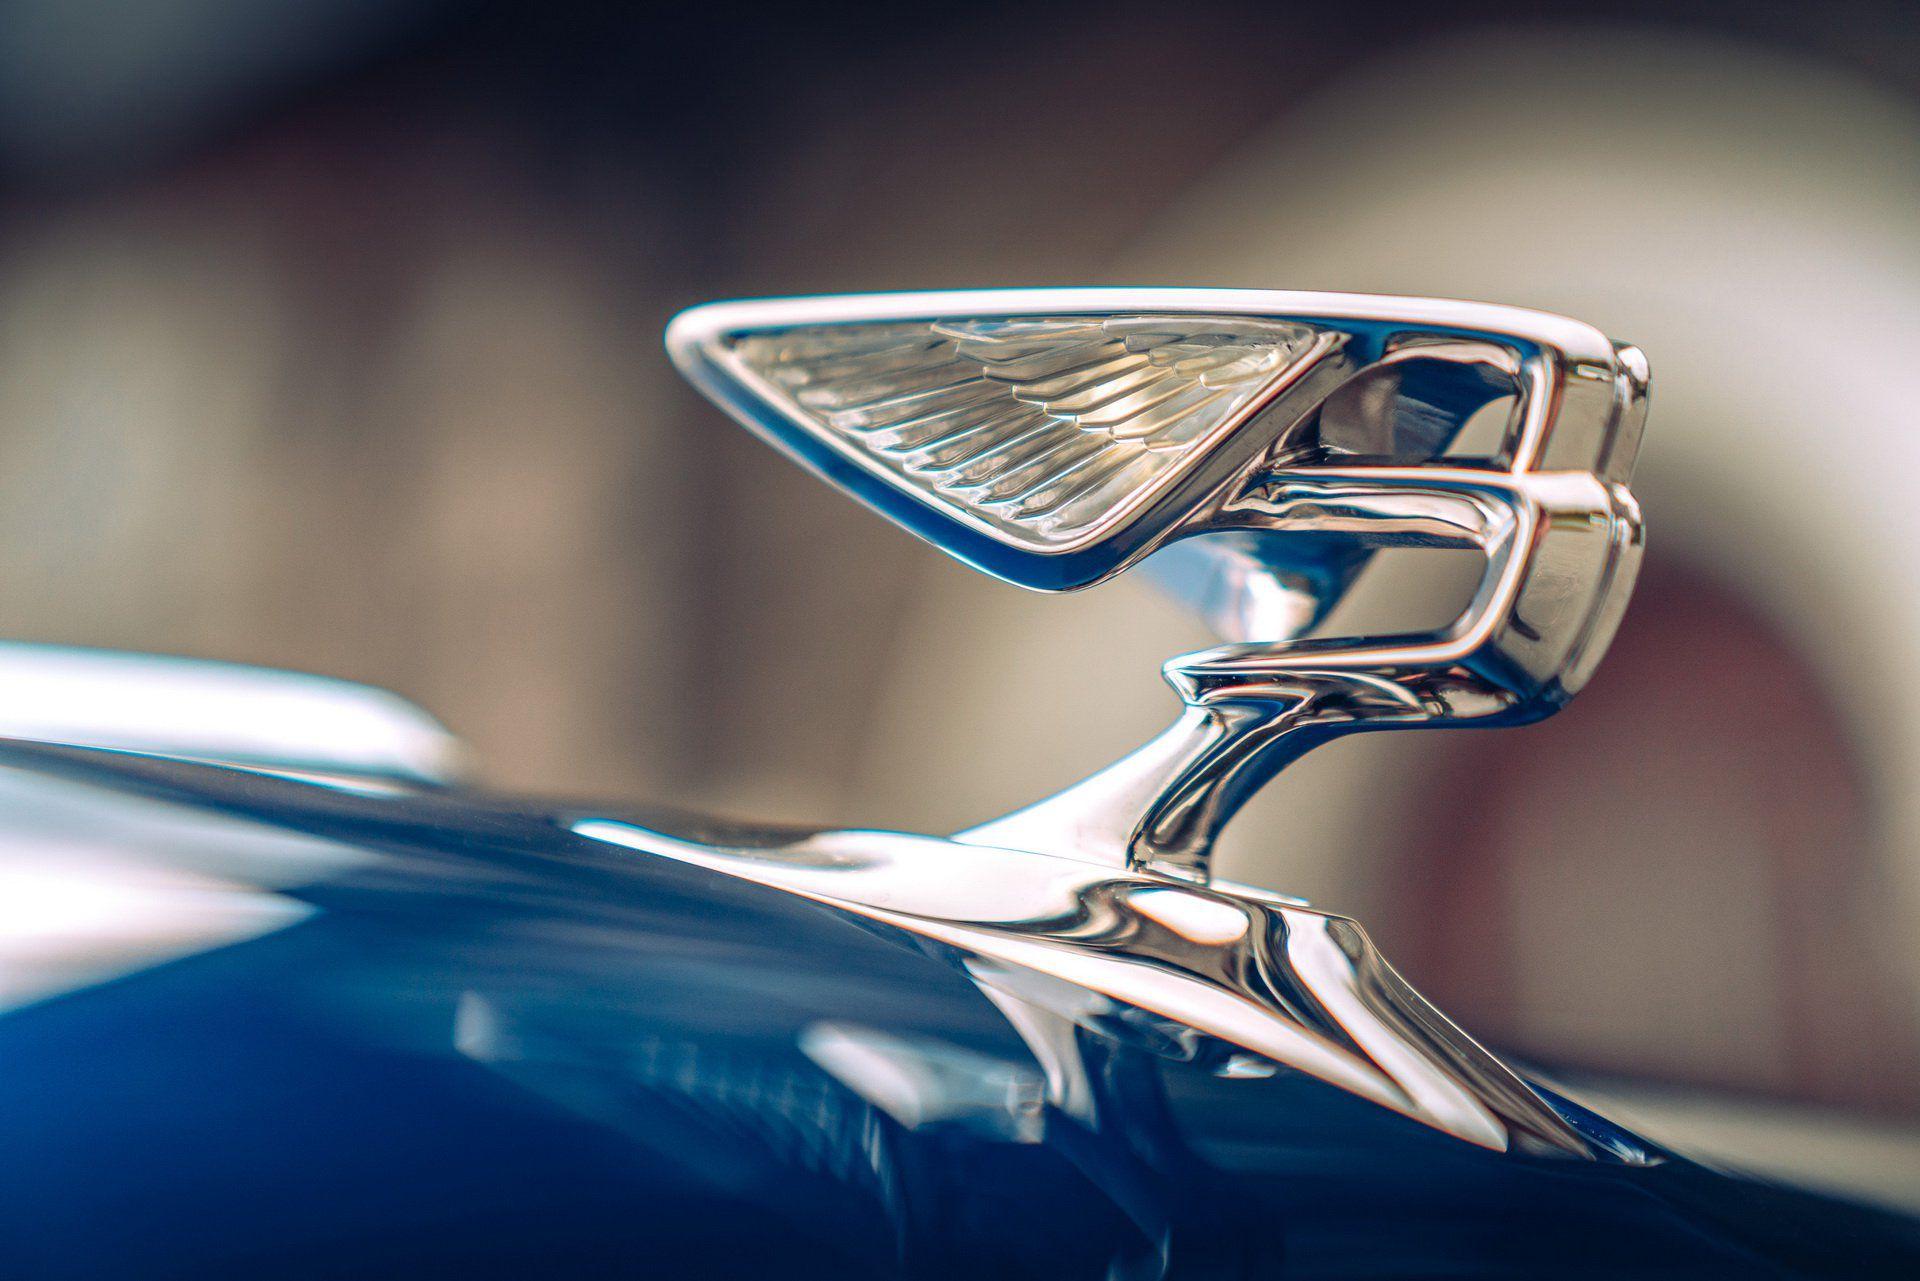 Bentley hồi sinh biểu tượng Chữ B đang bay - 1